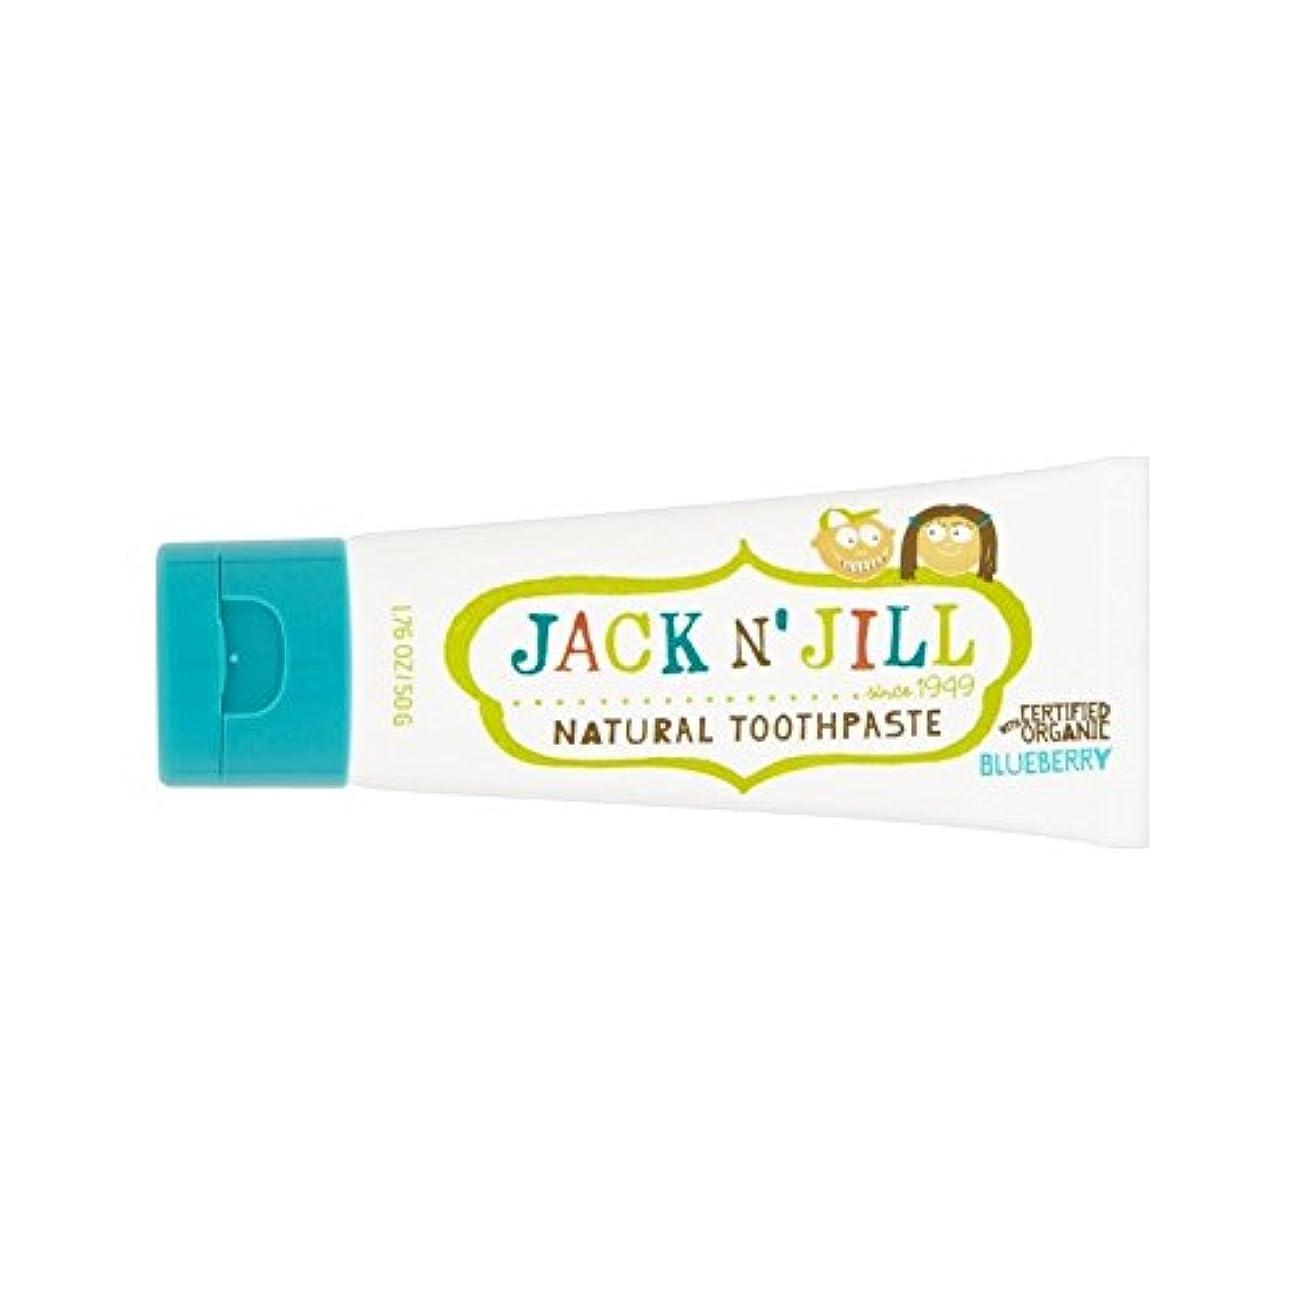 羊渇き起きている有機香味50グラムとの自然なブルーベリー歯磨き粉 (Jack N Jill) - Jack N' Jill Blueberry Toothpaste Natural with Organic Flavouring 50g...